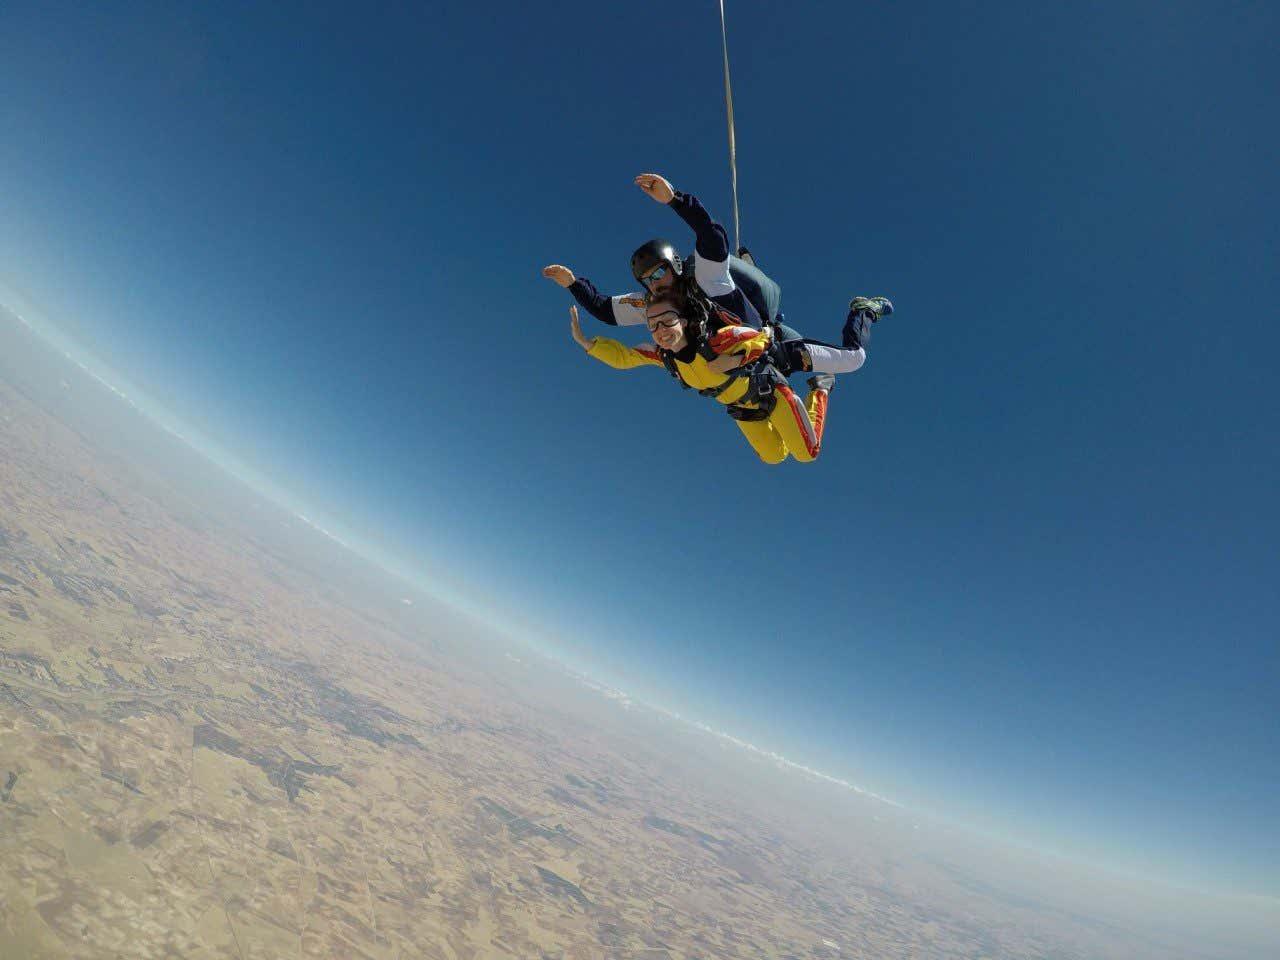 Anna Bondareva en el cielo azul acompañada por un instructor mientras se lanza al vacío en una actividad de salto en paracaídas.